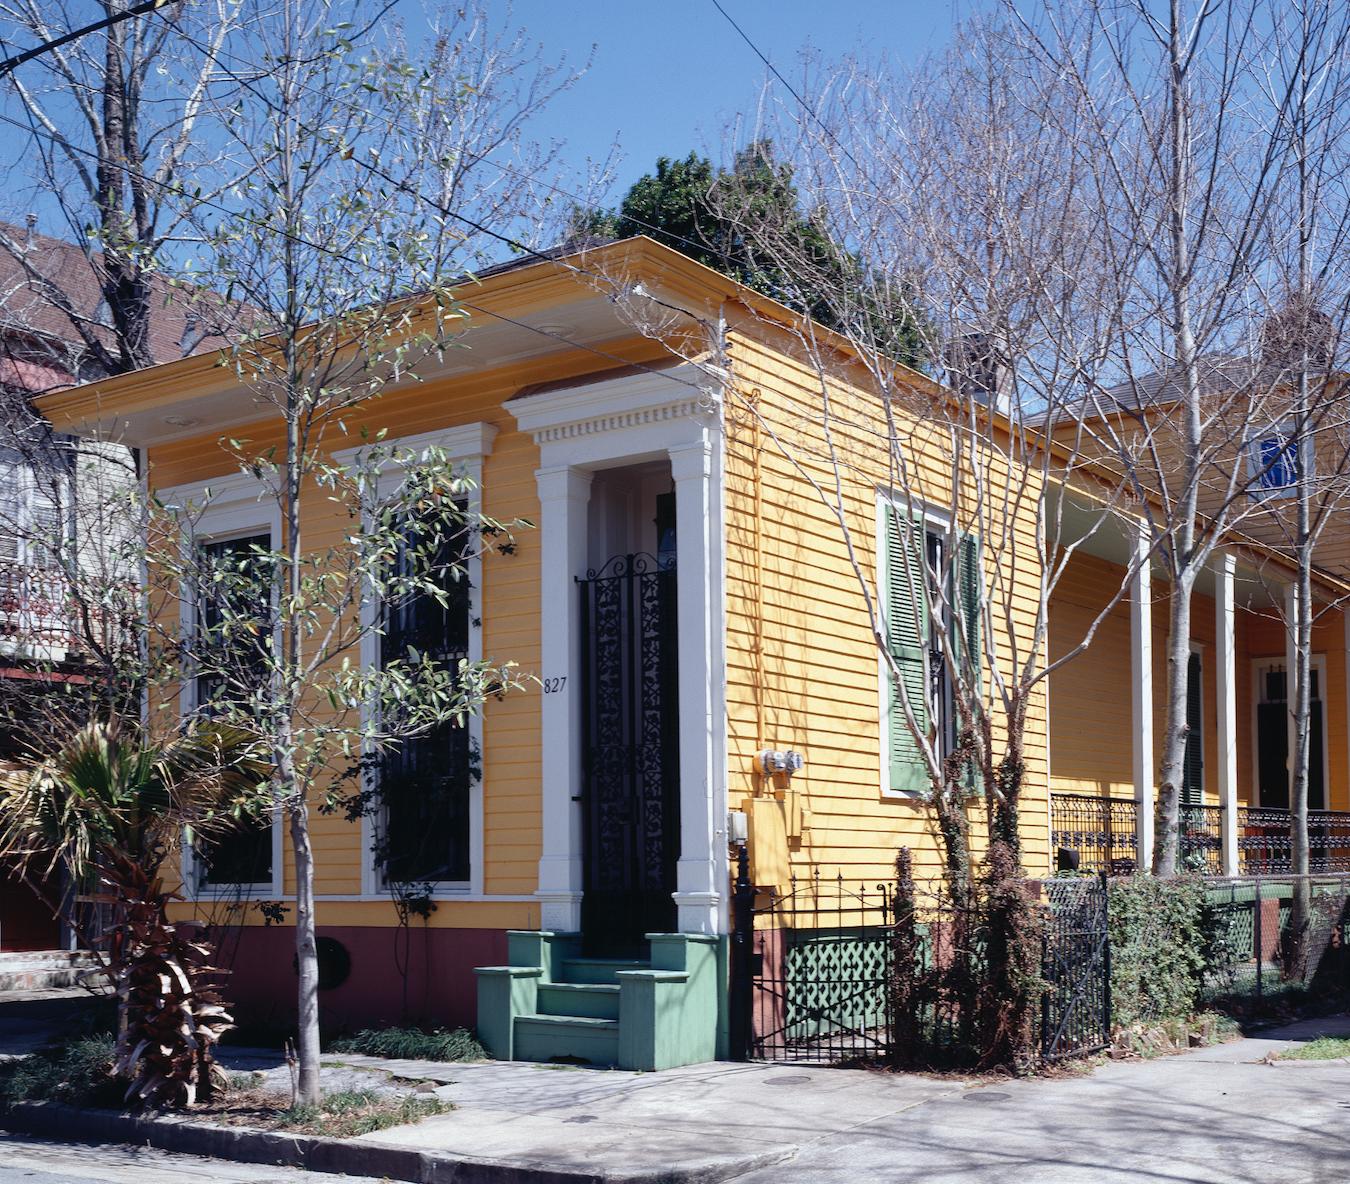 What Is a Shotgun House?